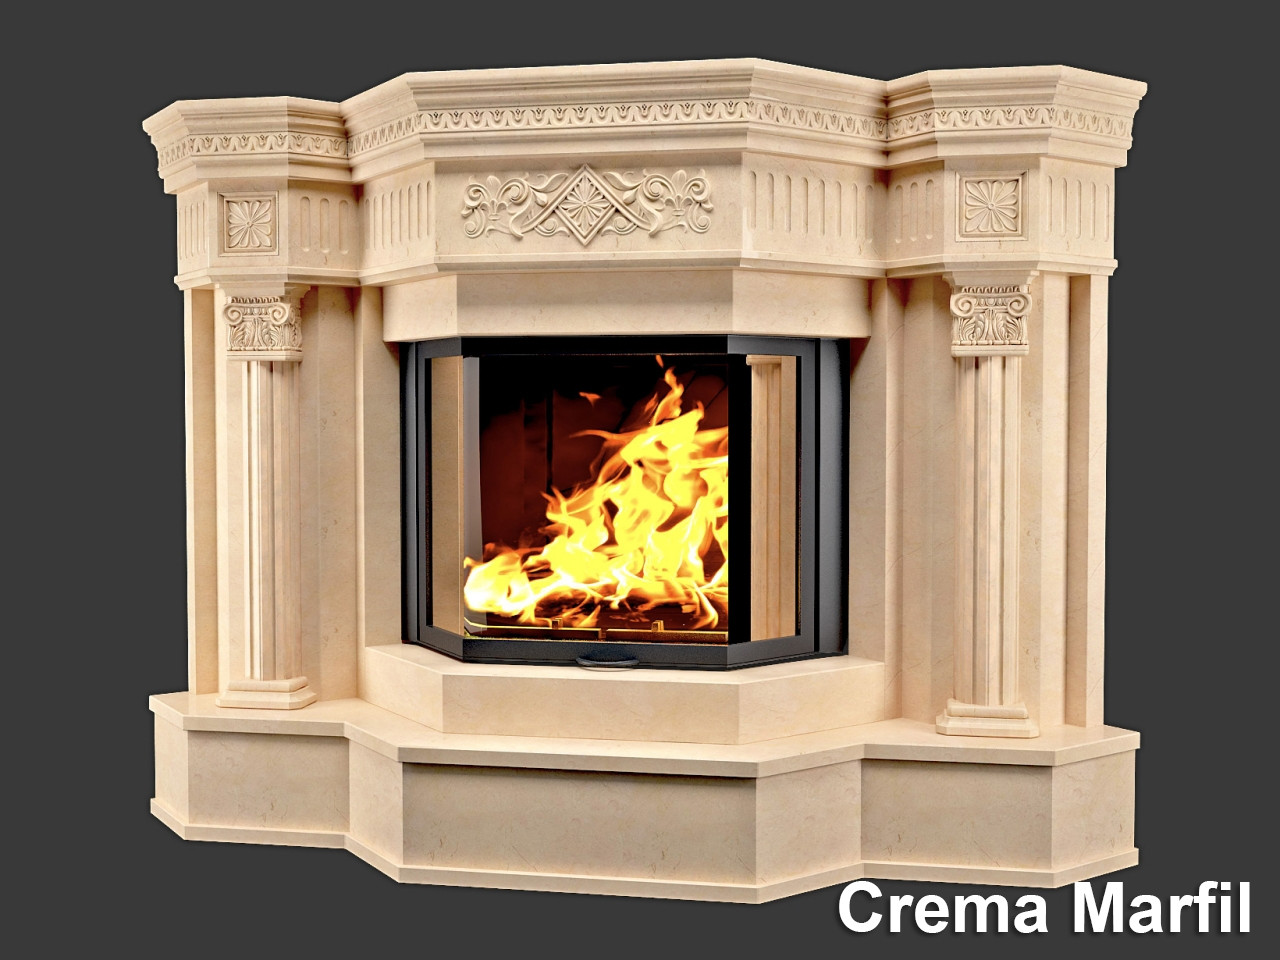 Портал для камина (облицовка) София из натурального мрамора Crema Marfil